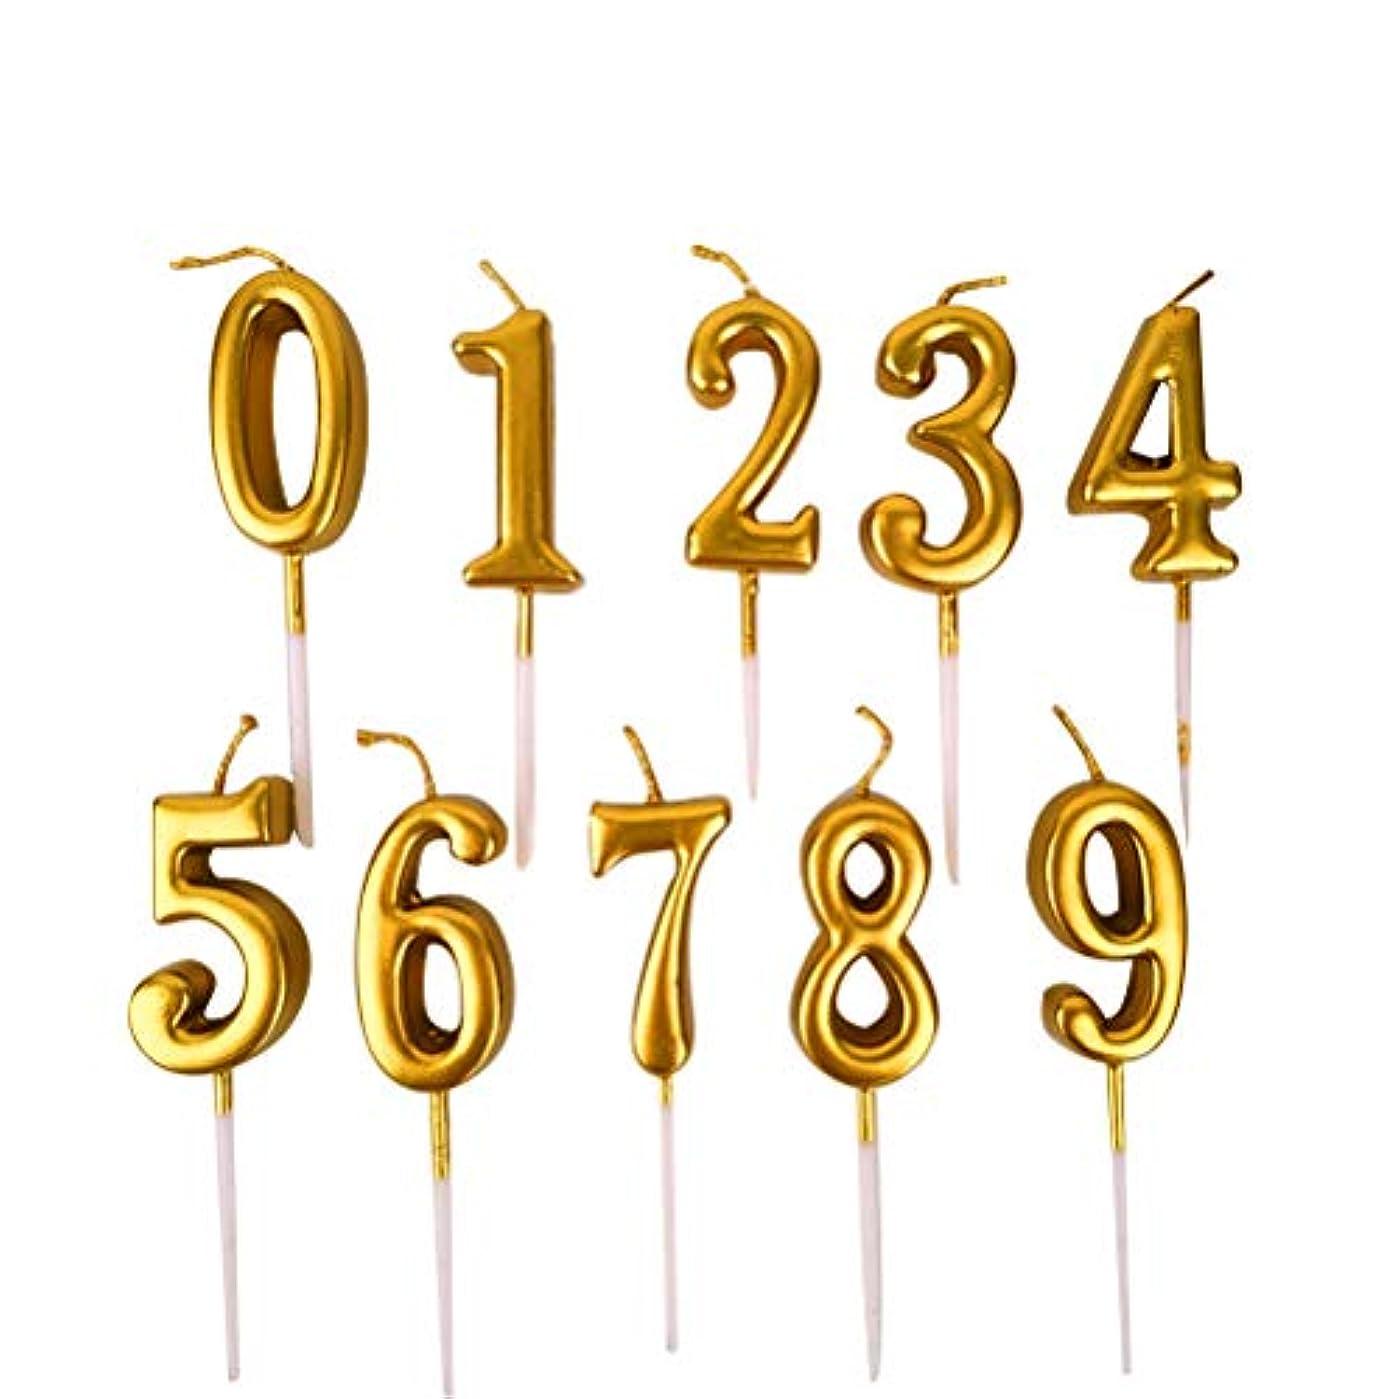 ここに書士間違えたNUOBESTY 誕生日数字キャンドル、10ピース番号0-9グリッターケーキトッパー装飾用誕生日パーティーの好意